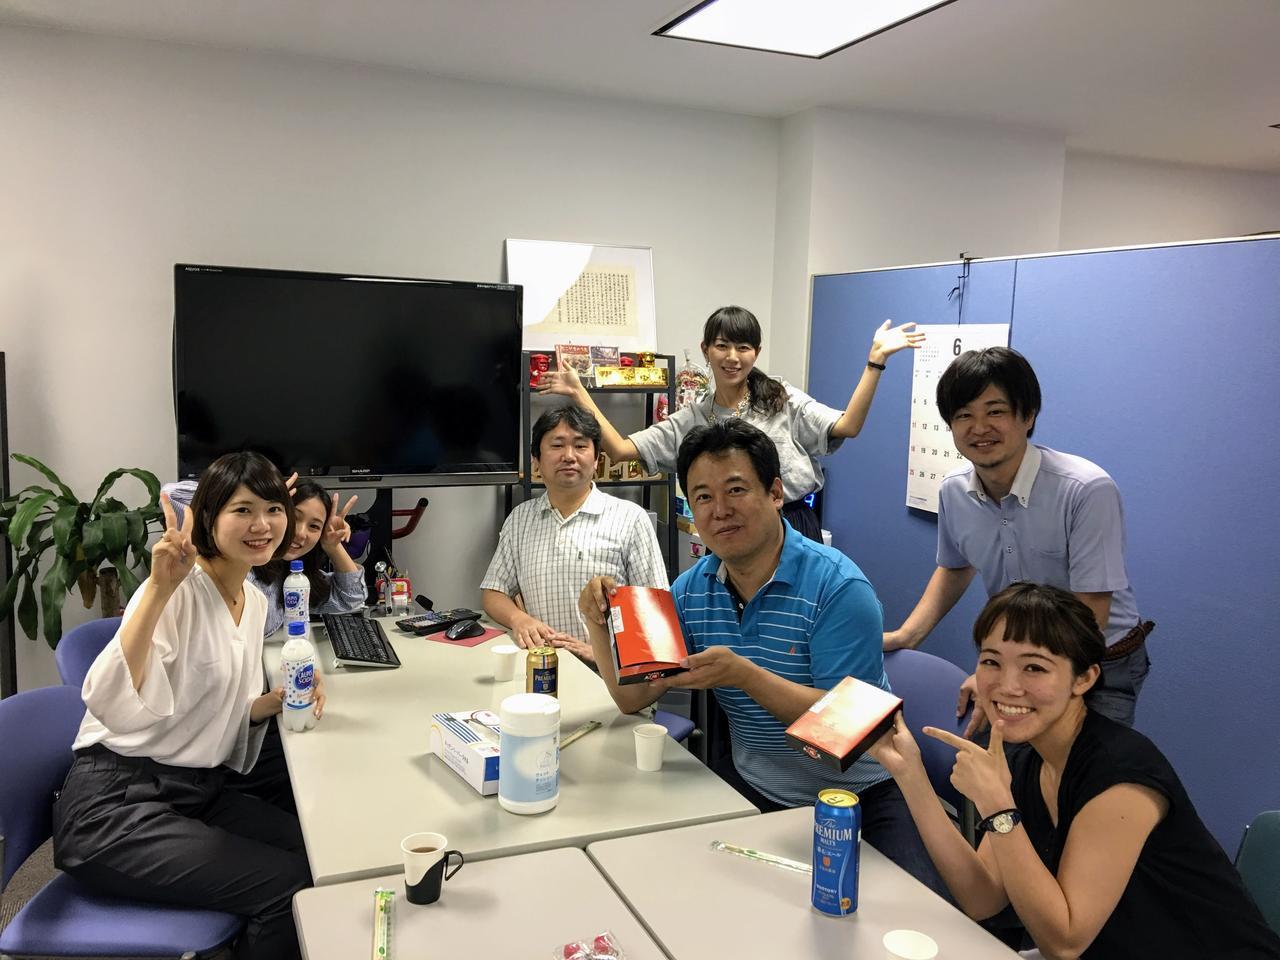 画像: 社長の上谷さんはとってもユニークな方。オフィスも楽しい雰囲気!